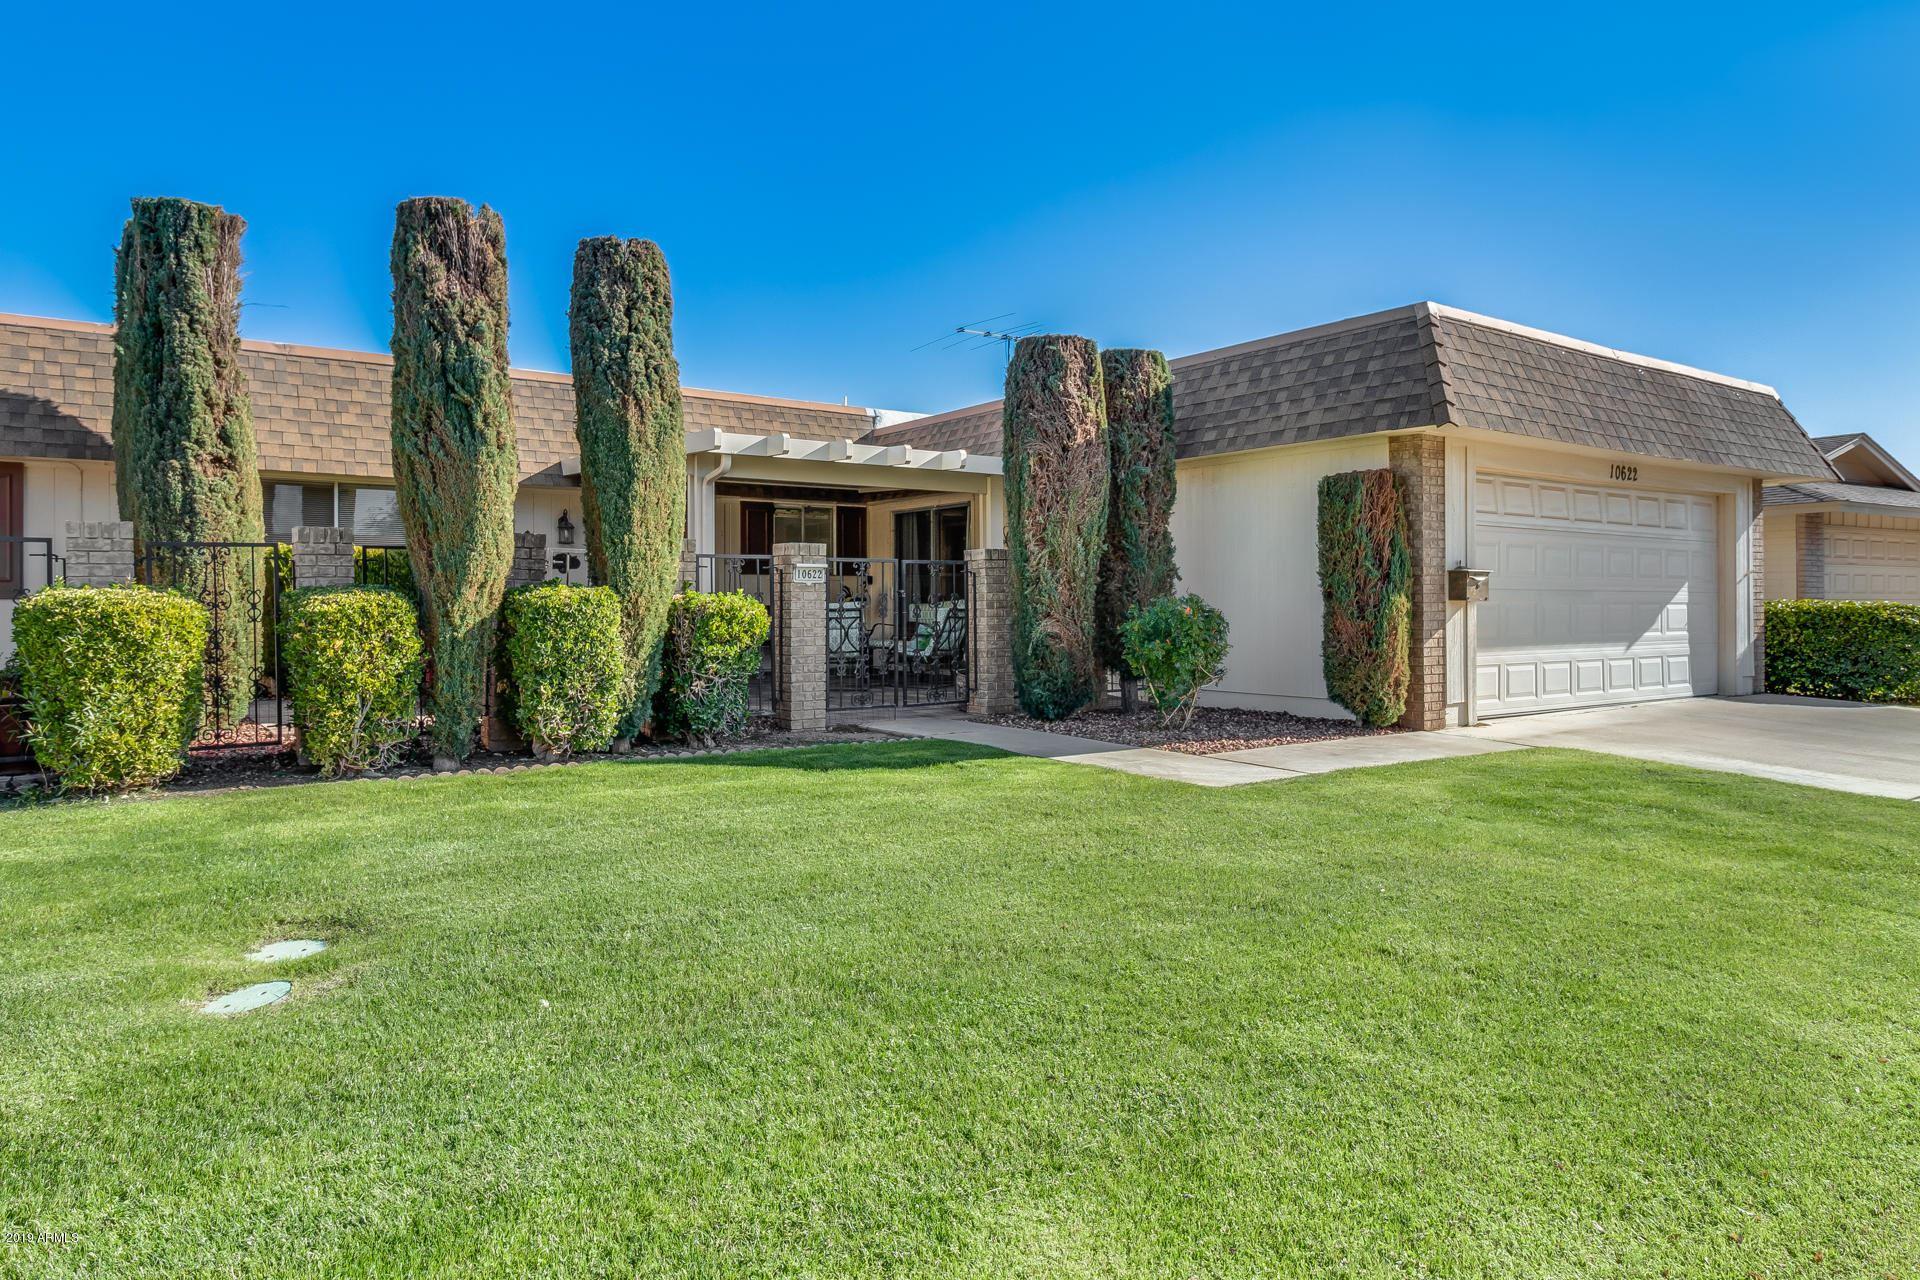 10622 W ROUNDELAY Circle, Sun City, AZ 85351 - #: 6016867